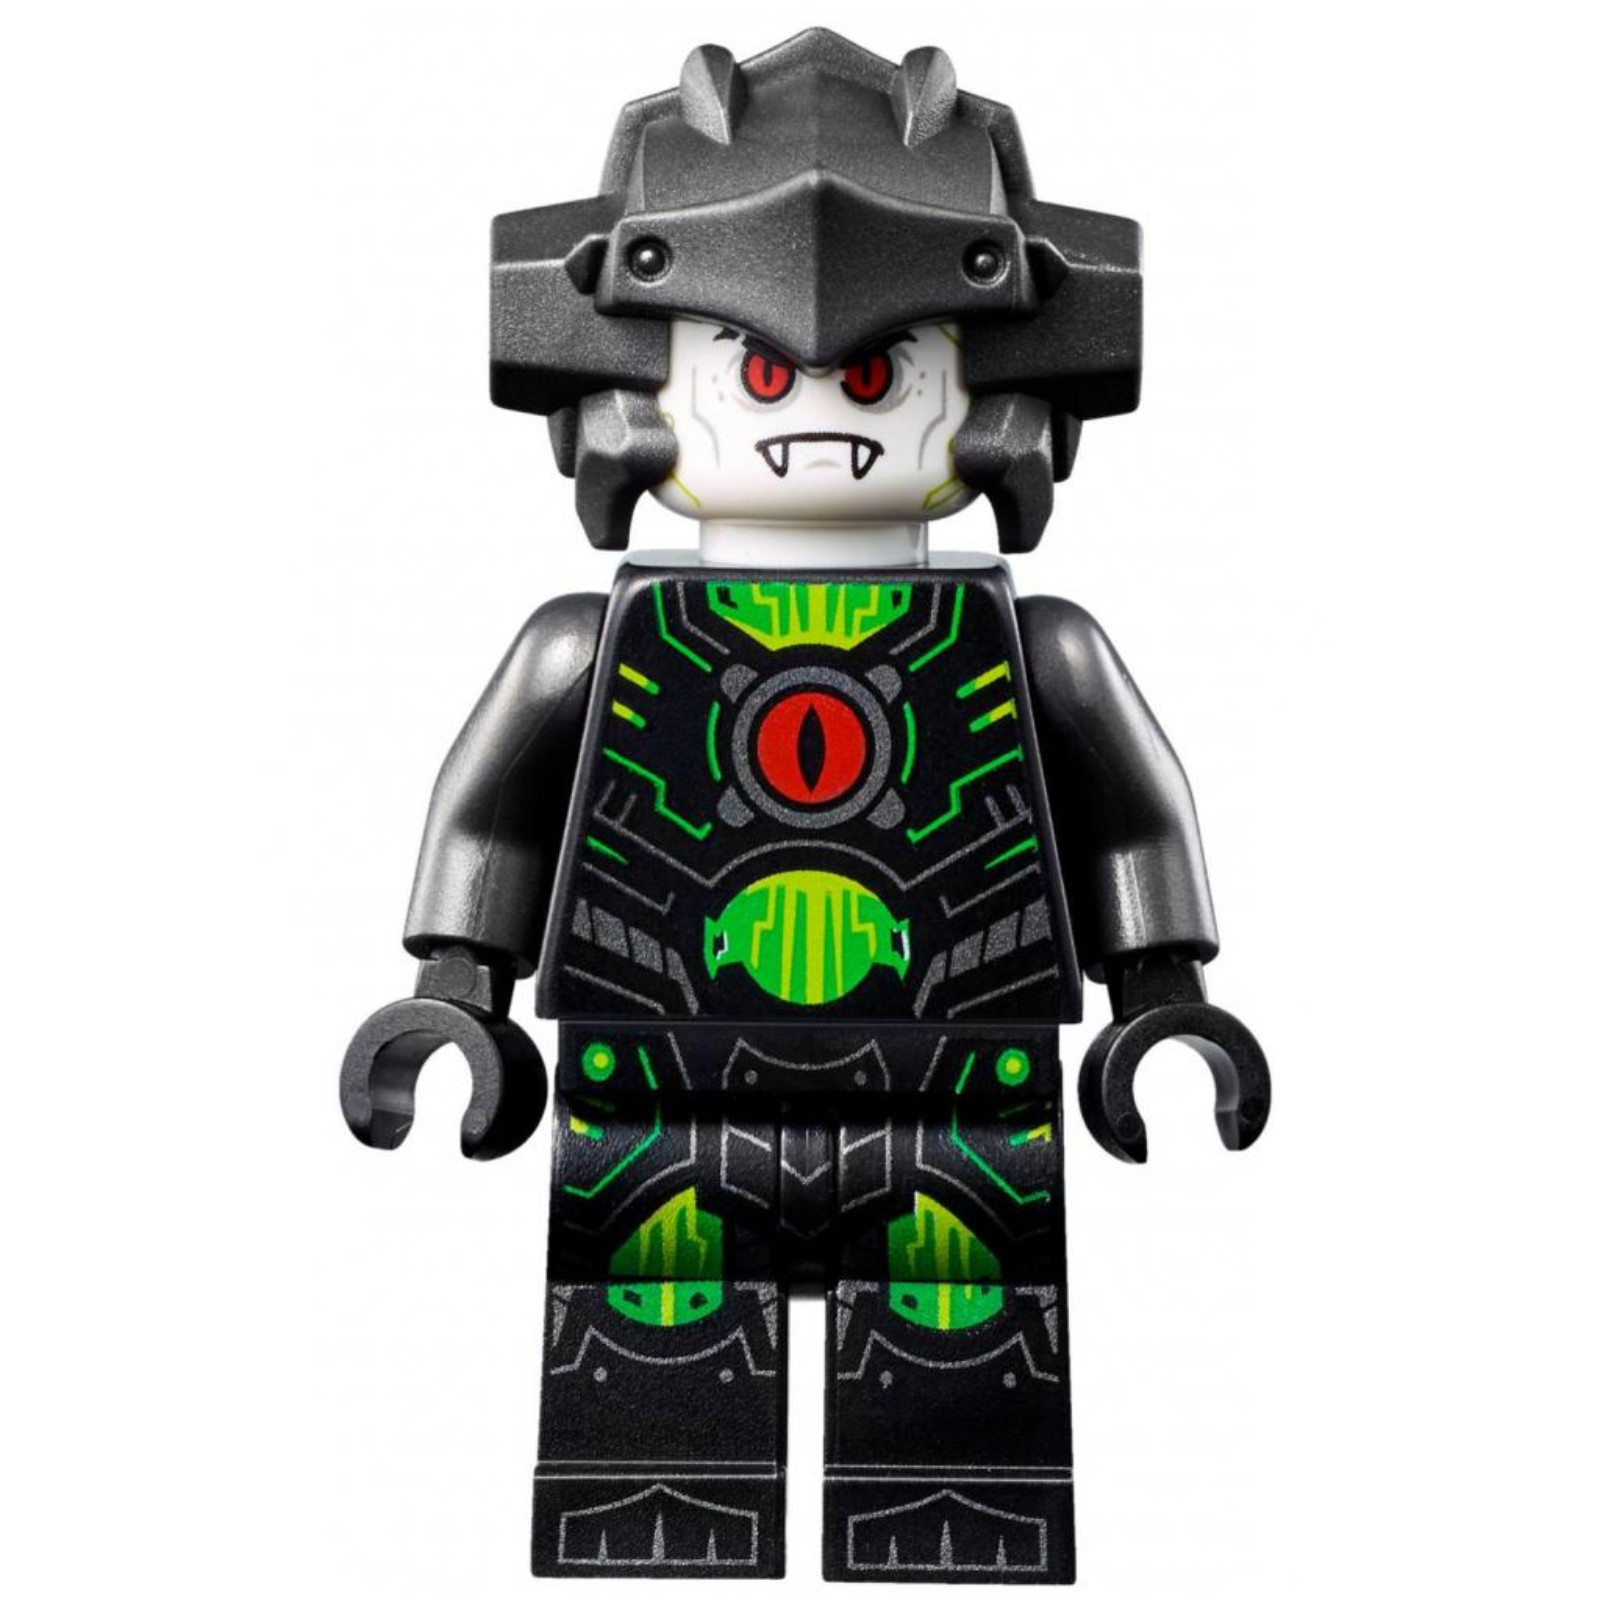 Конструктор LEGO Nexo Knights Бомбардировщик Берсеркер (72003) изображение 11